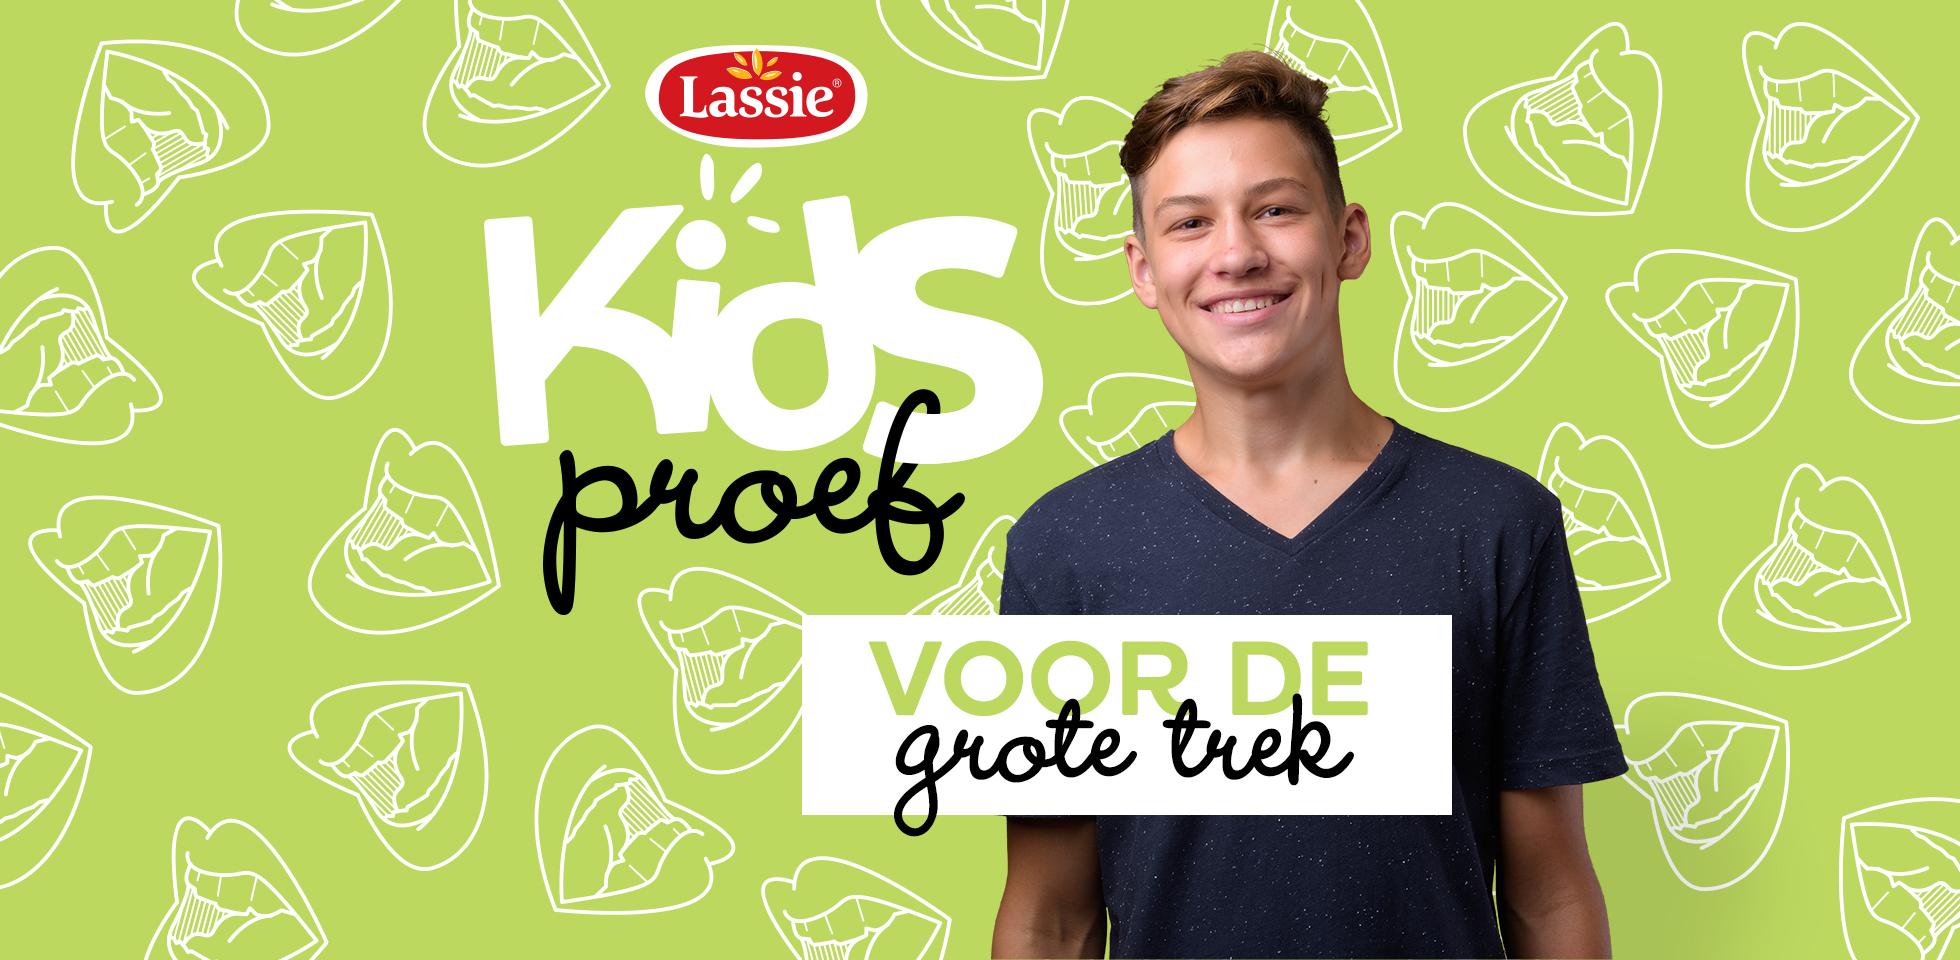 Kidsproef Puber beeld Mobile